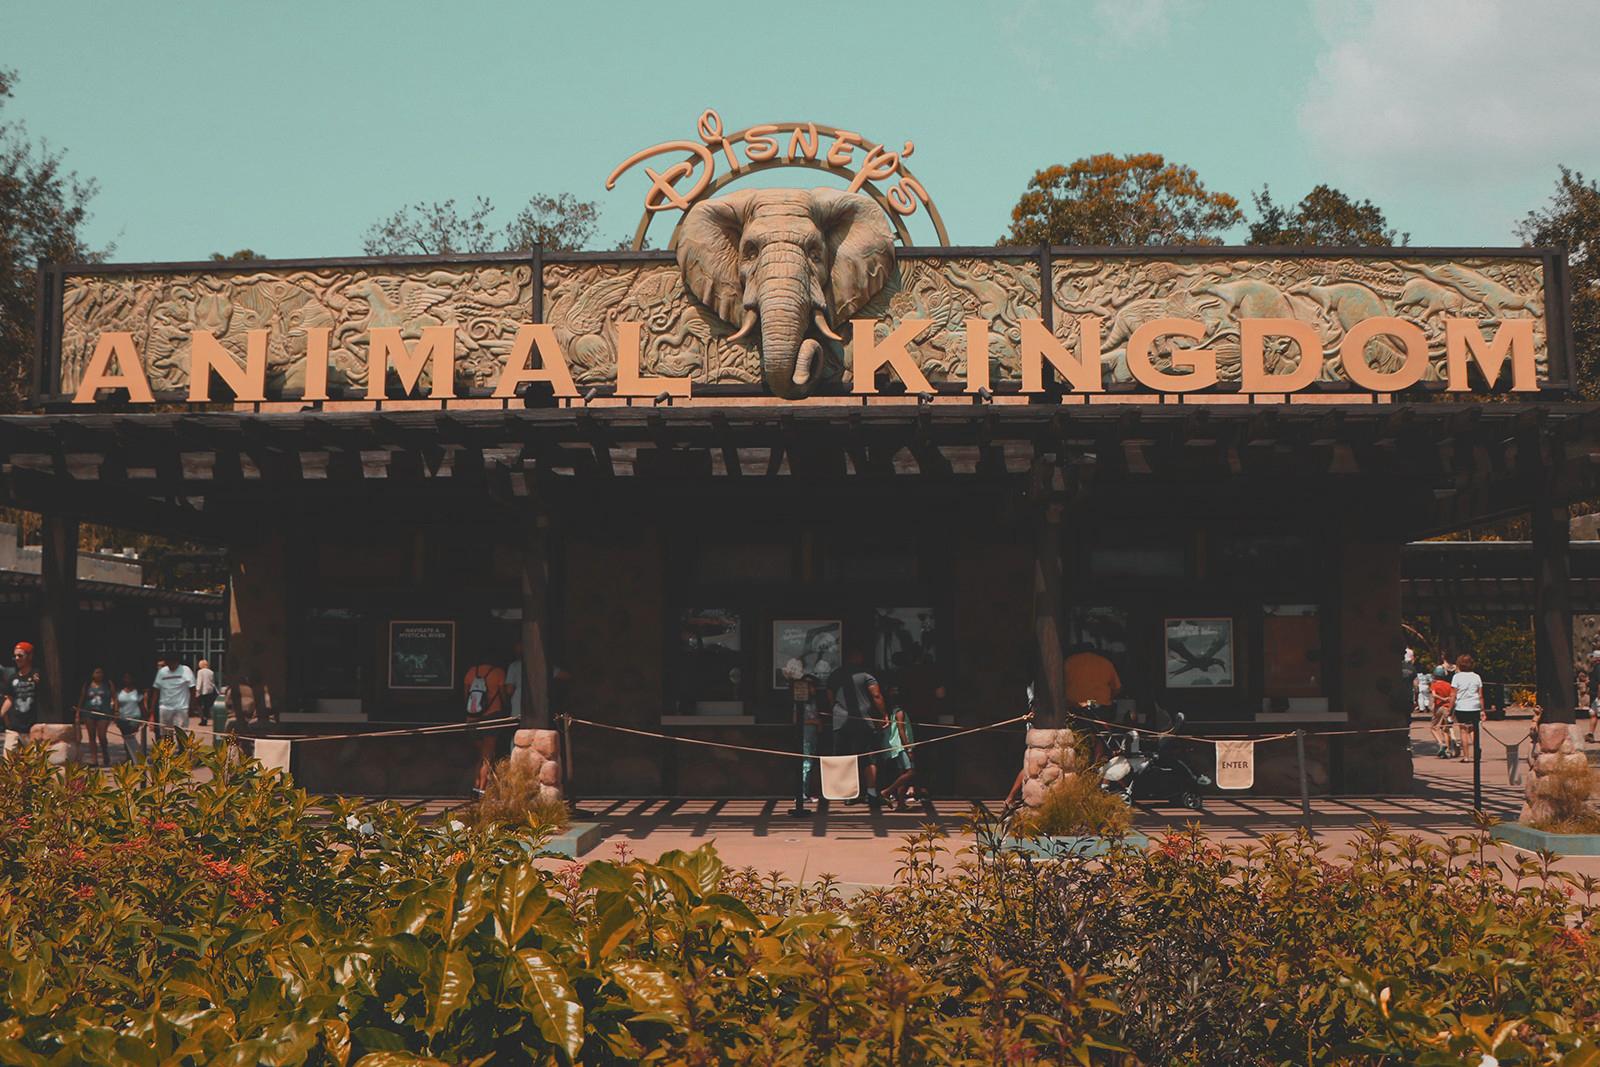 entrada parque animal kingdom